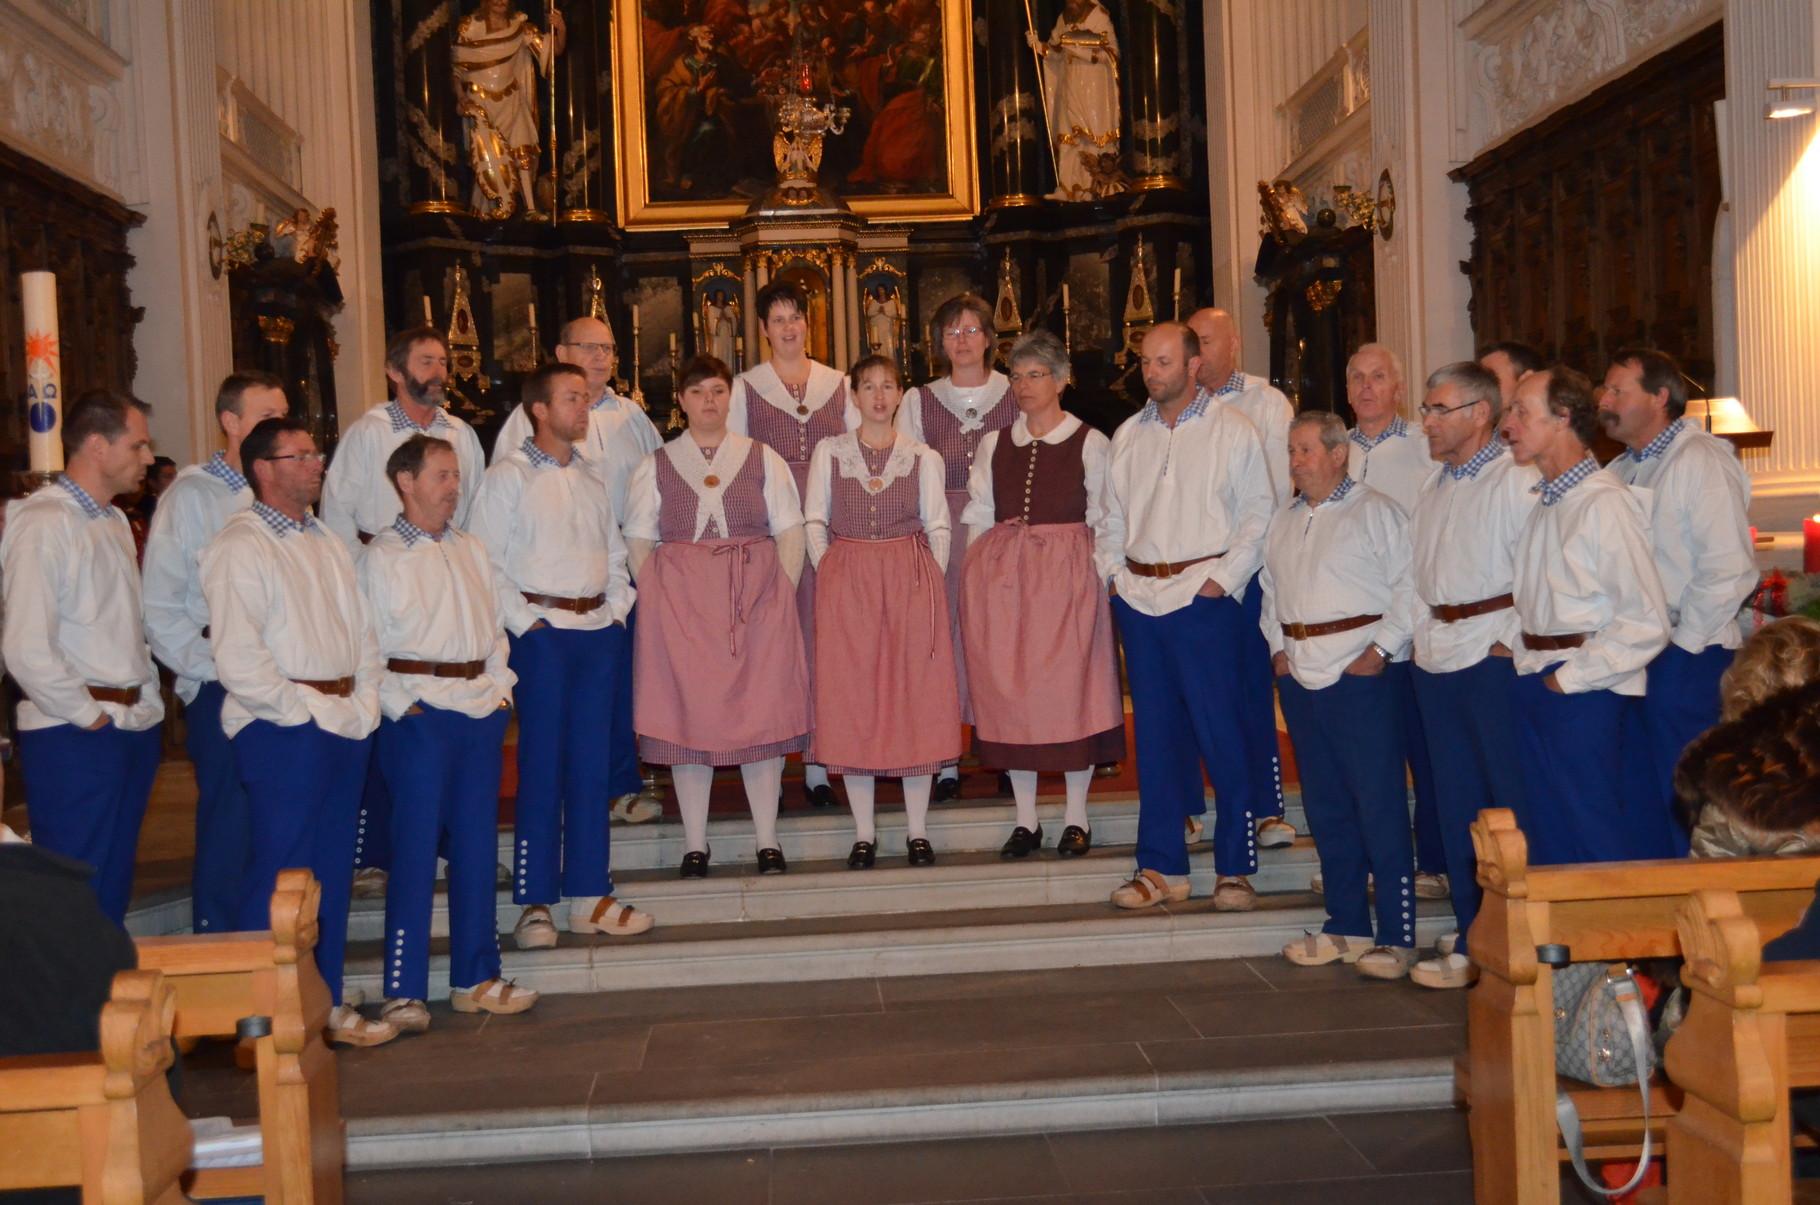 Vor voll besetzter Pfarrkirche präsentierte sich der Jodelclub am 20. Dez. 2015 zum Kirchenkonzert